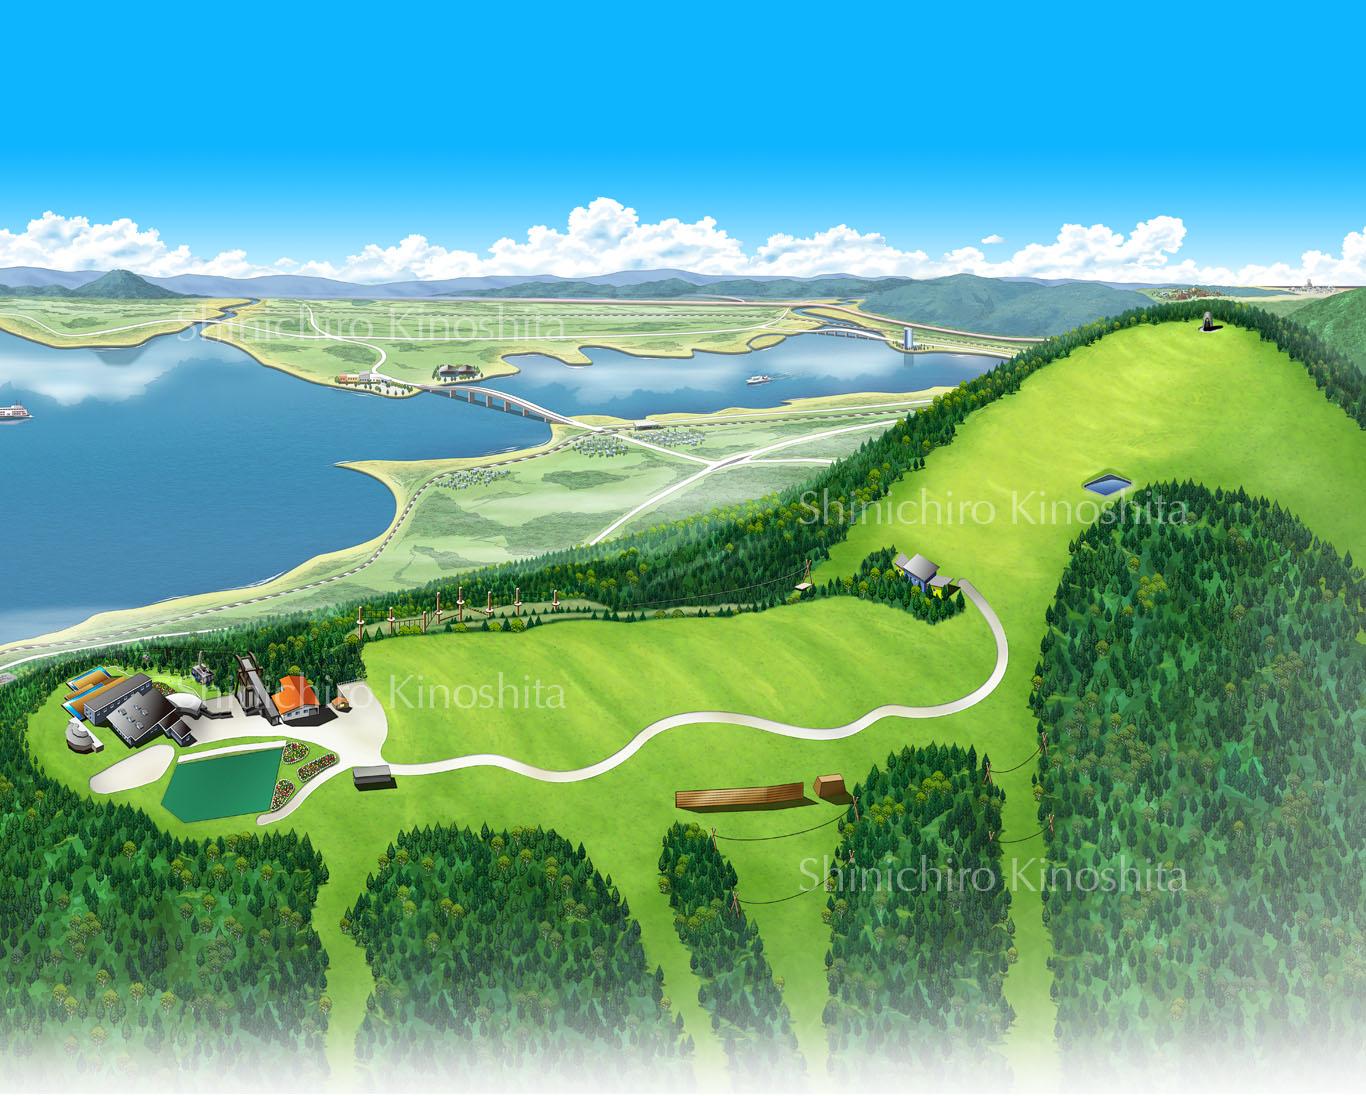 琵琶湖ヴァレイ夏の鳥瞰図